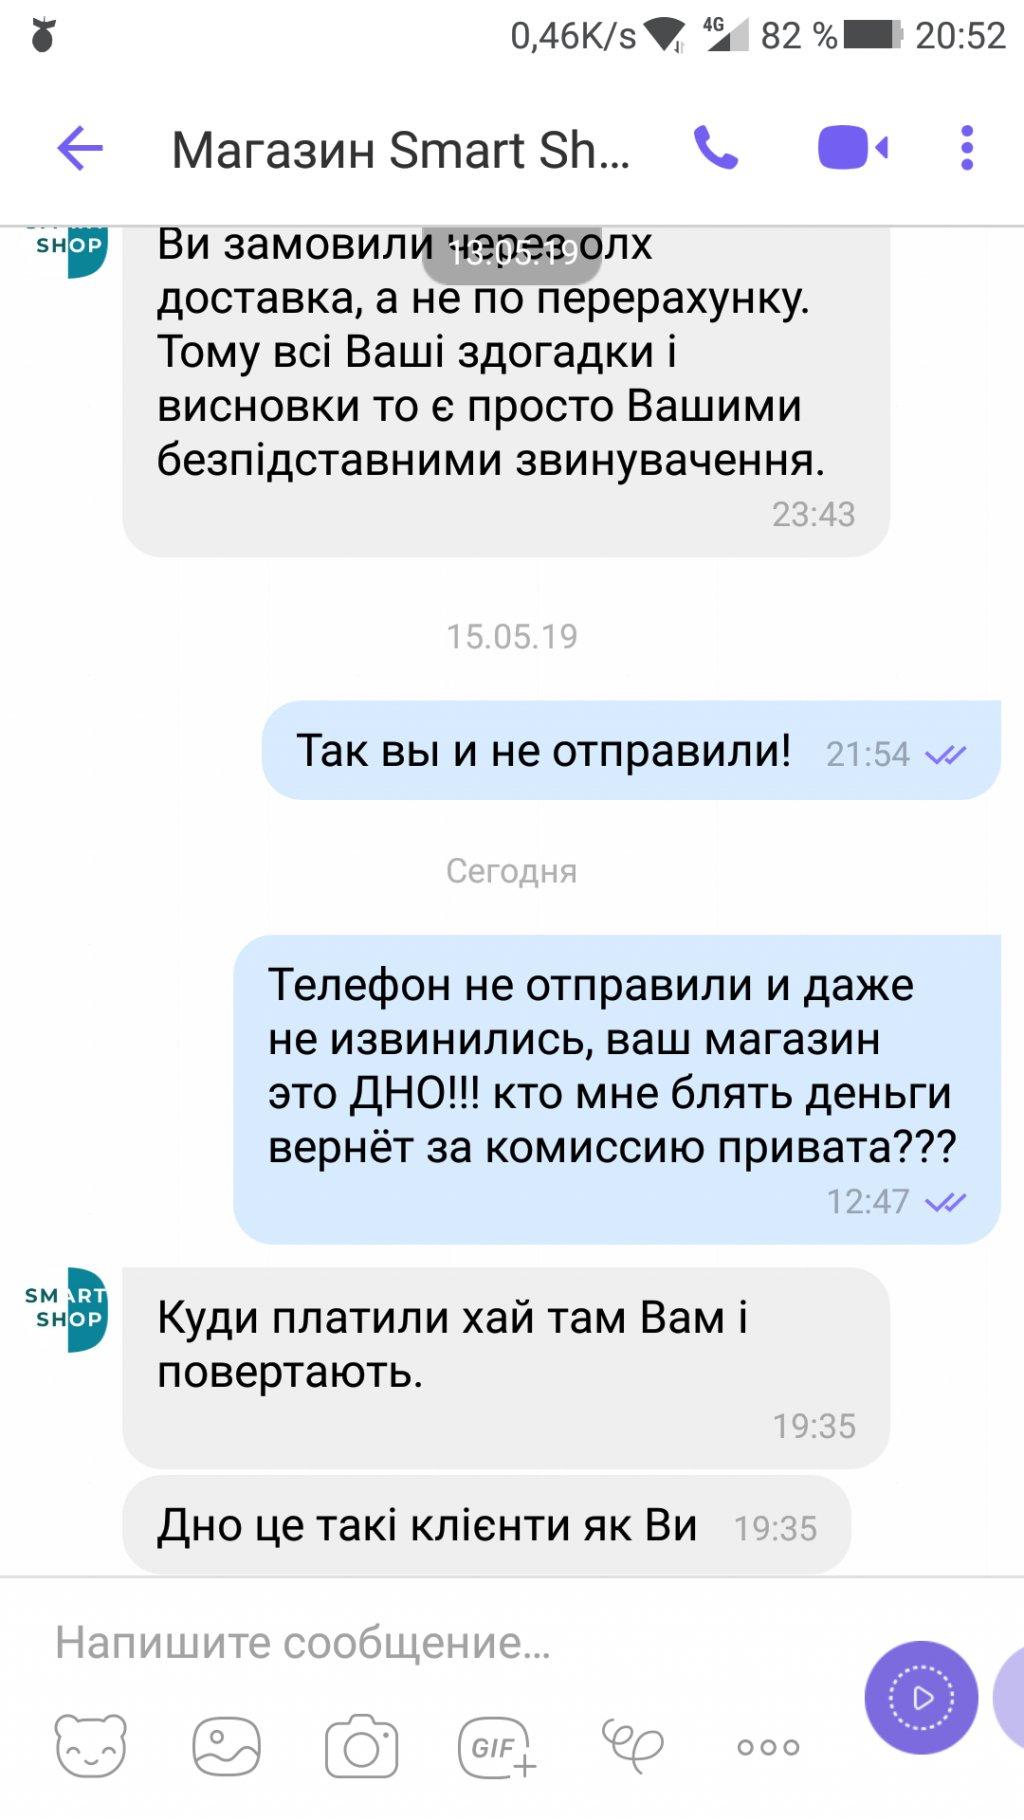 smart-shop.biz.ua интернет-магазин - Балаболы 98 уровня!